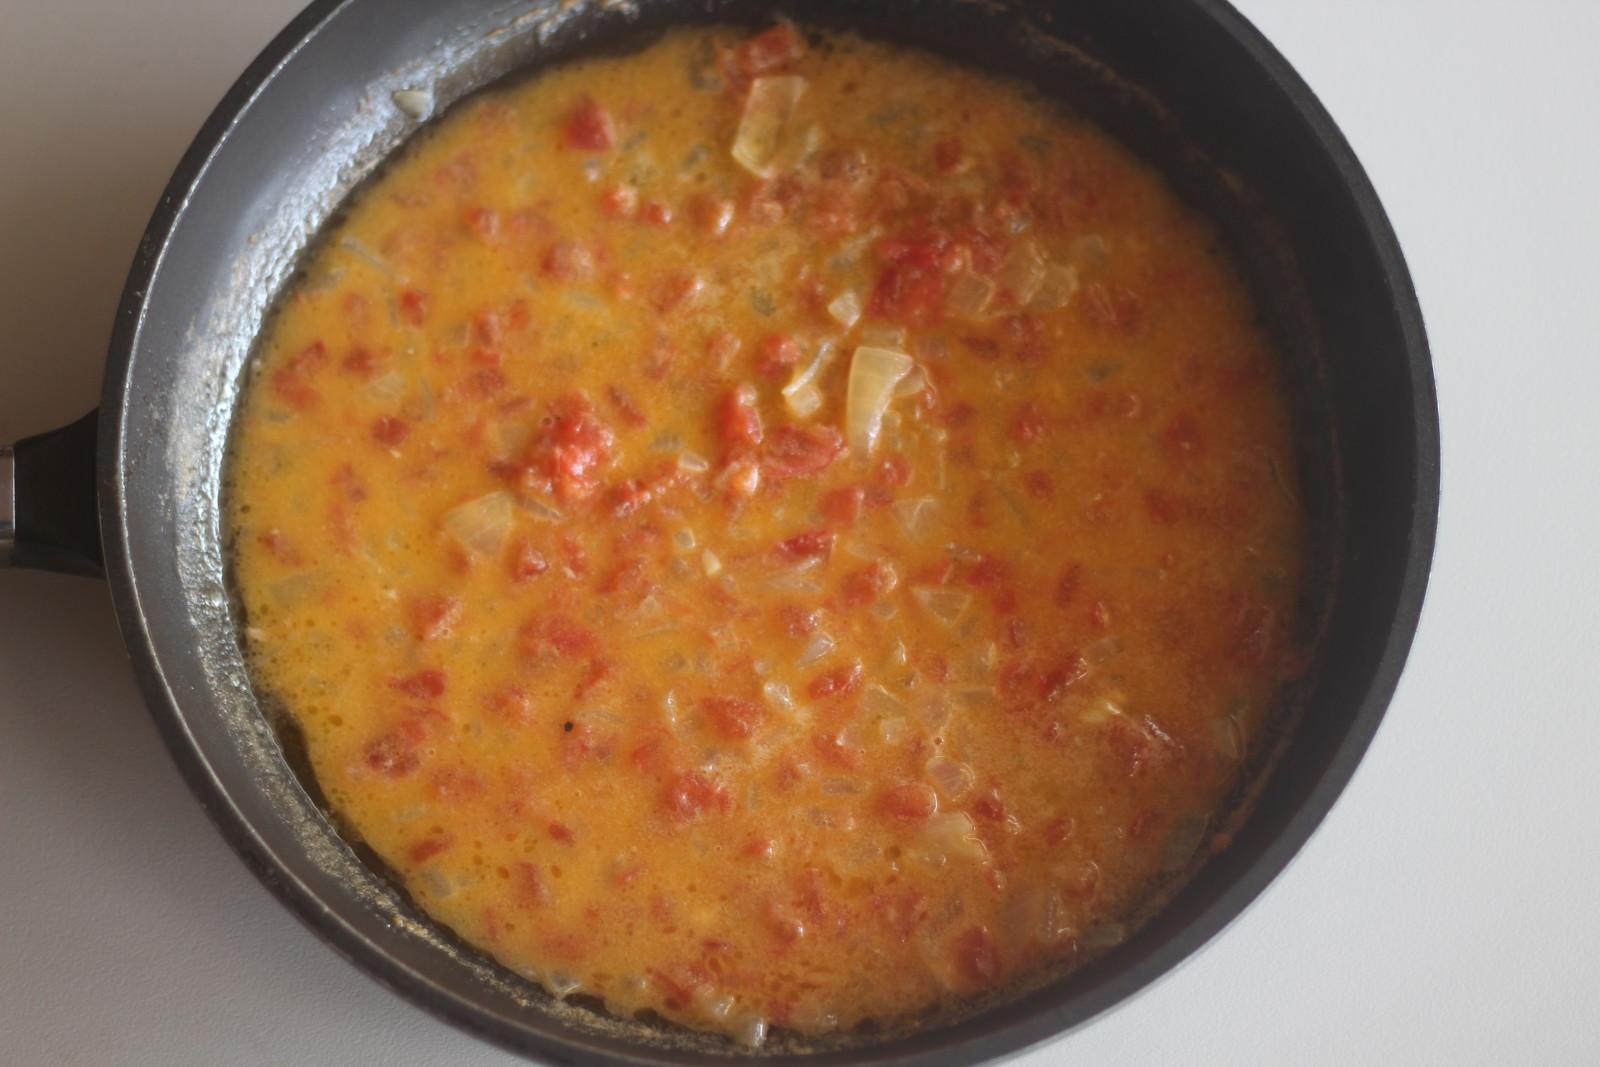 Duglere sauce